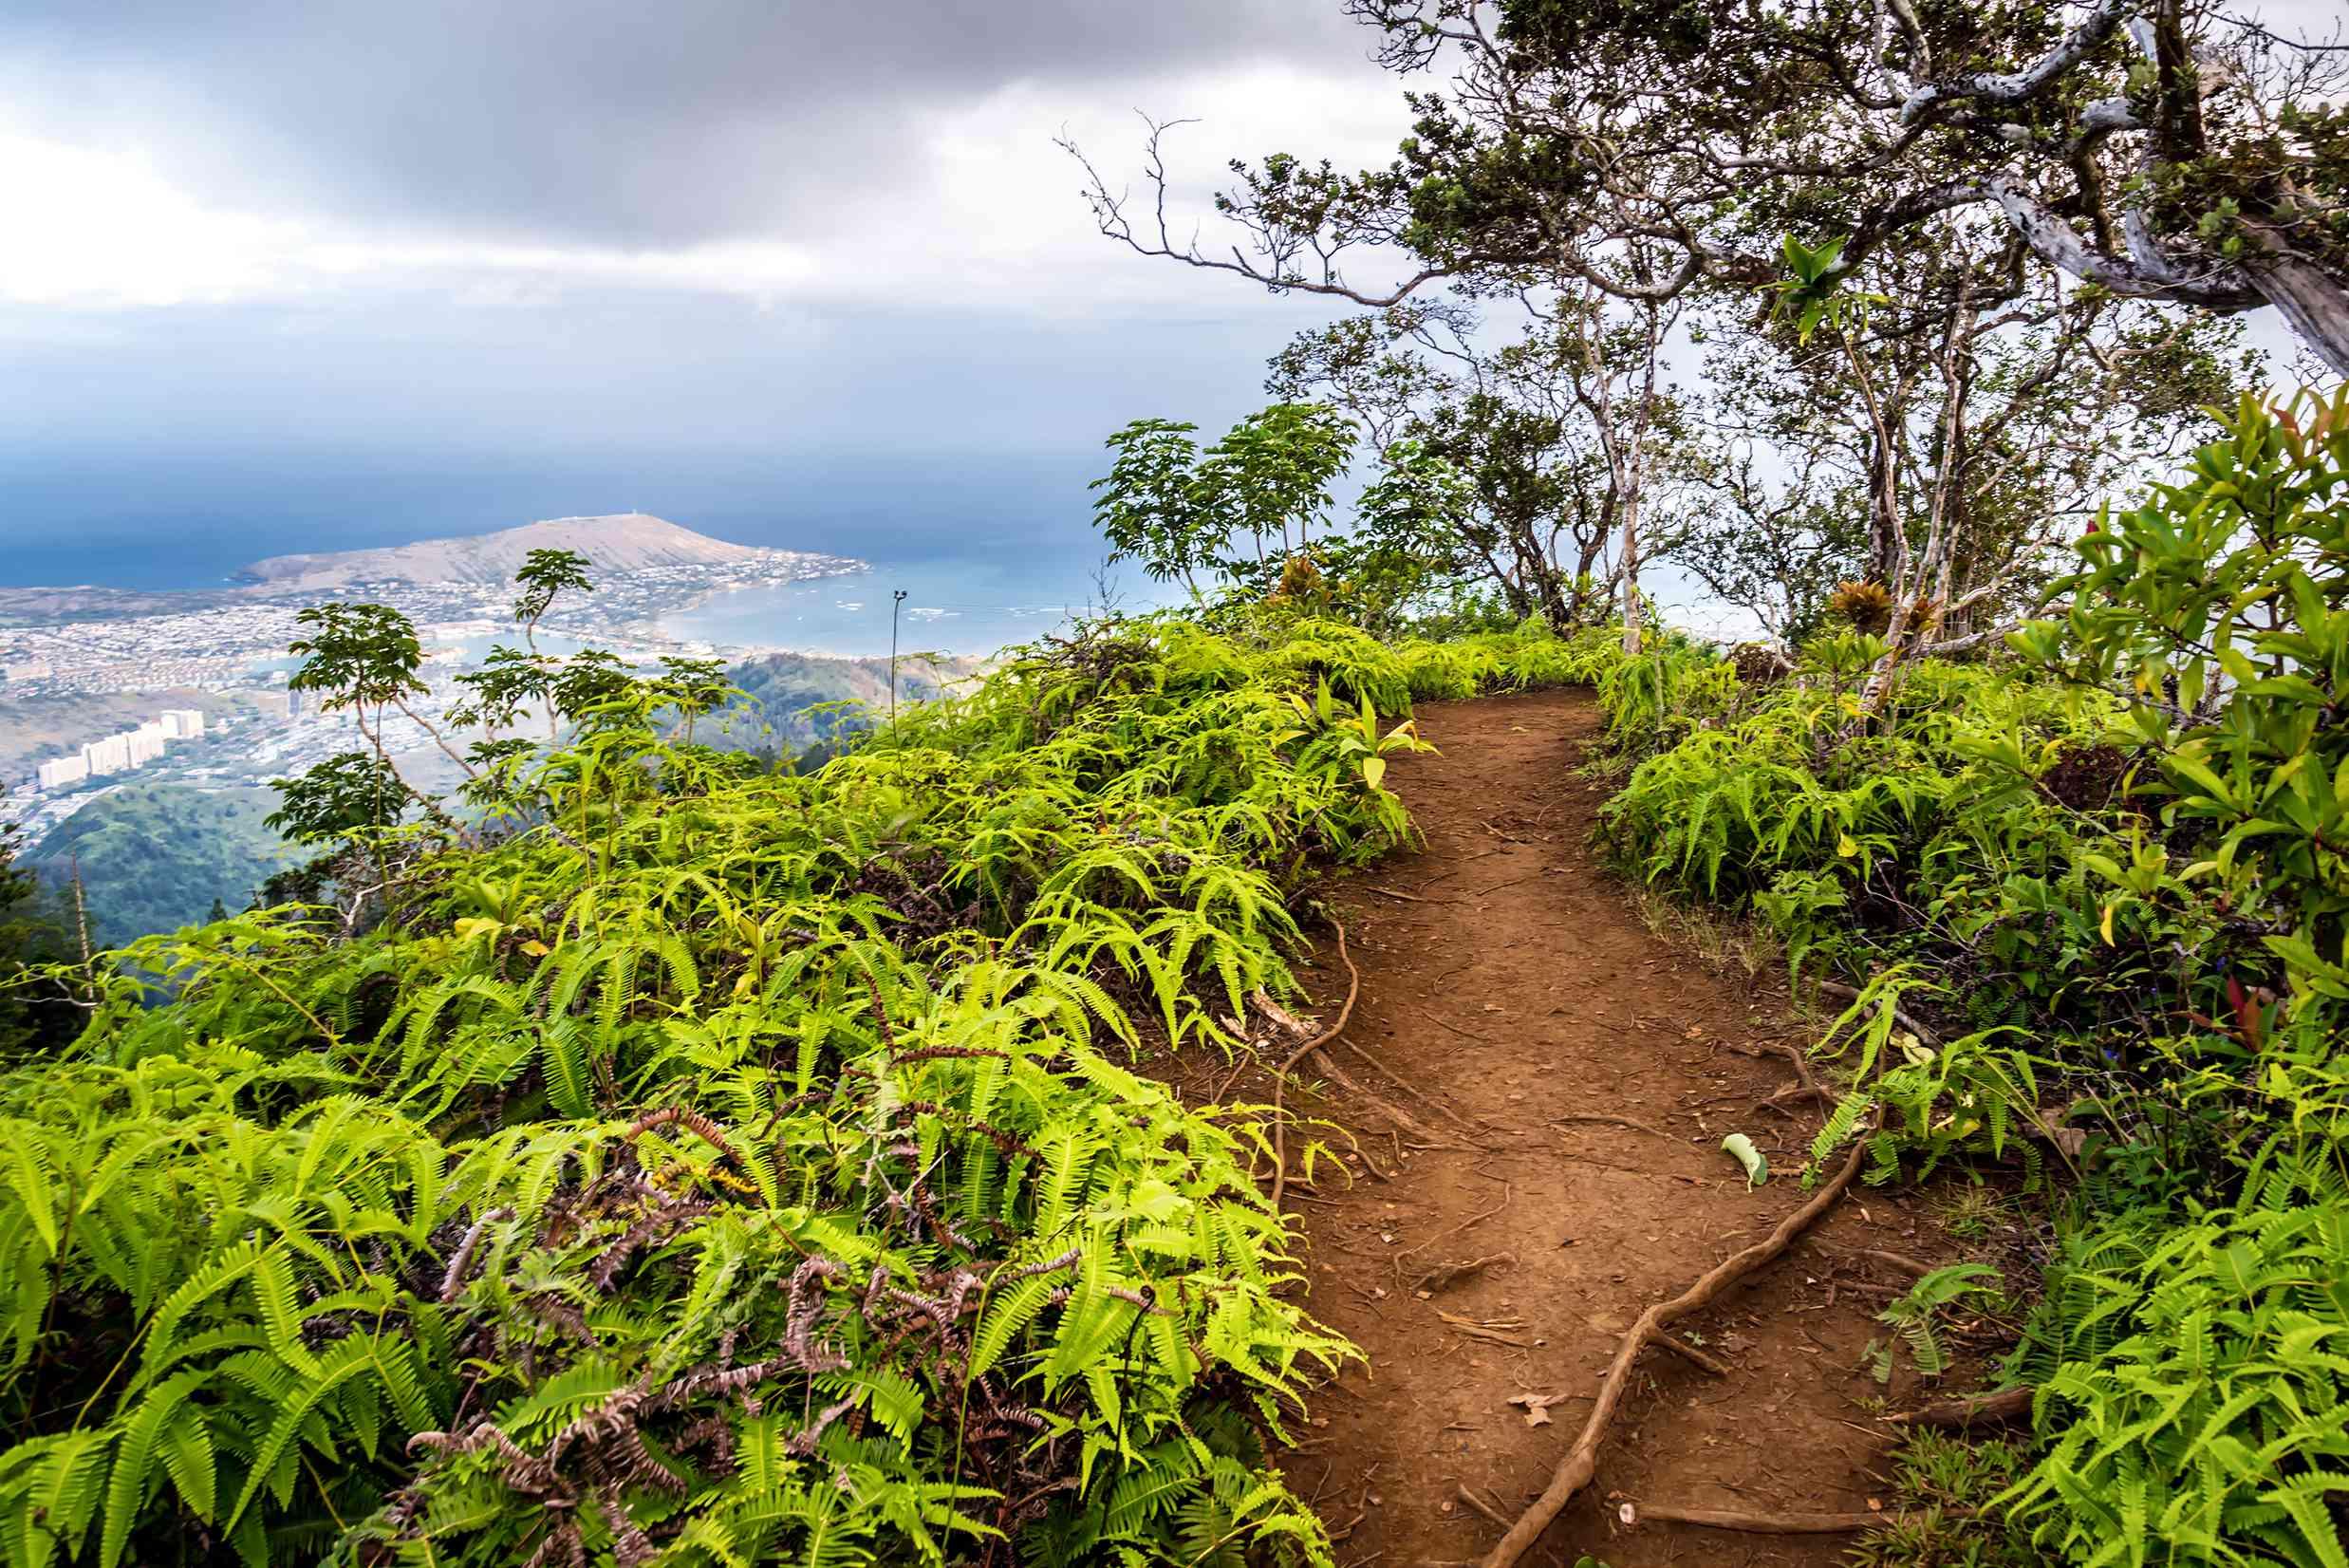 Kuliouou Ridge trail in Hawaii